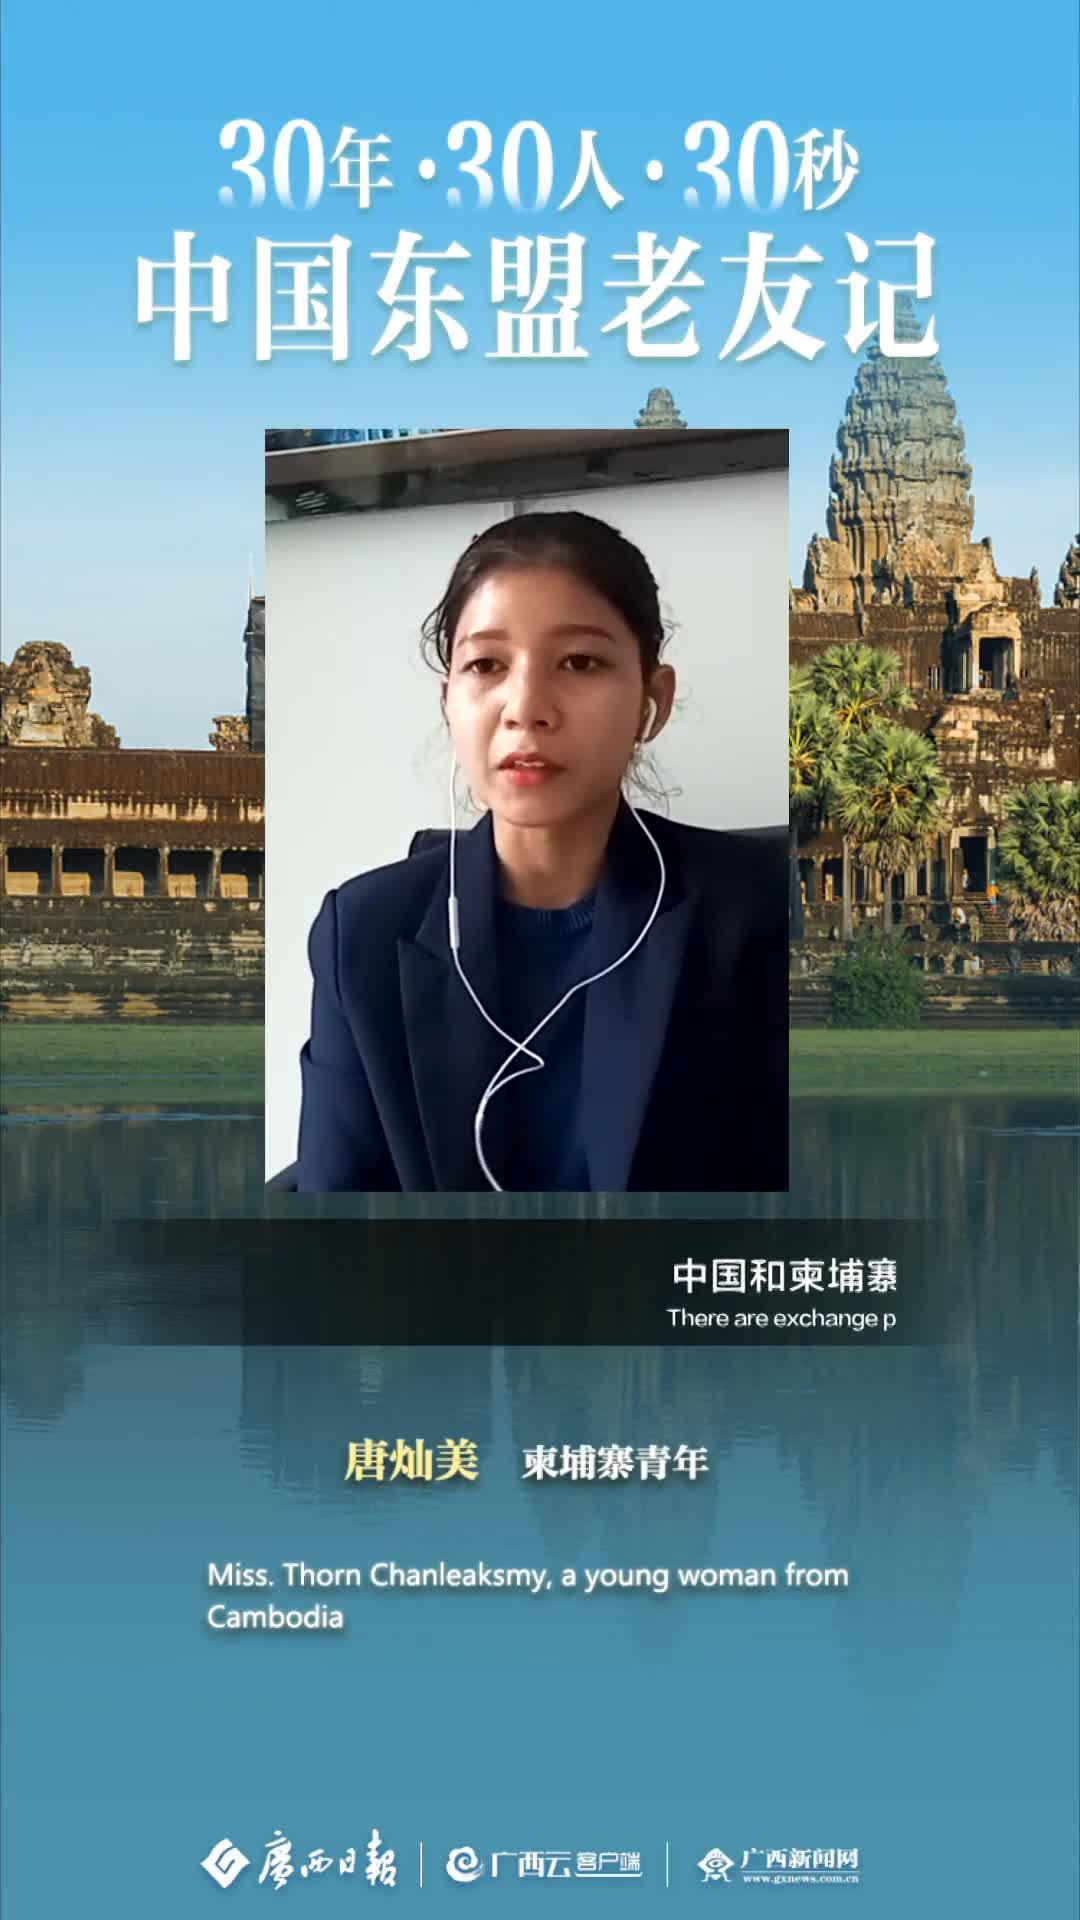 30年·30人·30秒丨唐灿美:很多柬埔寨学生都希望能去中国留学 (1)